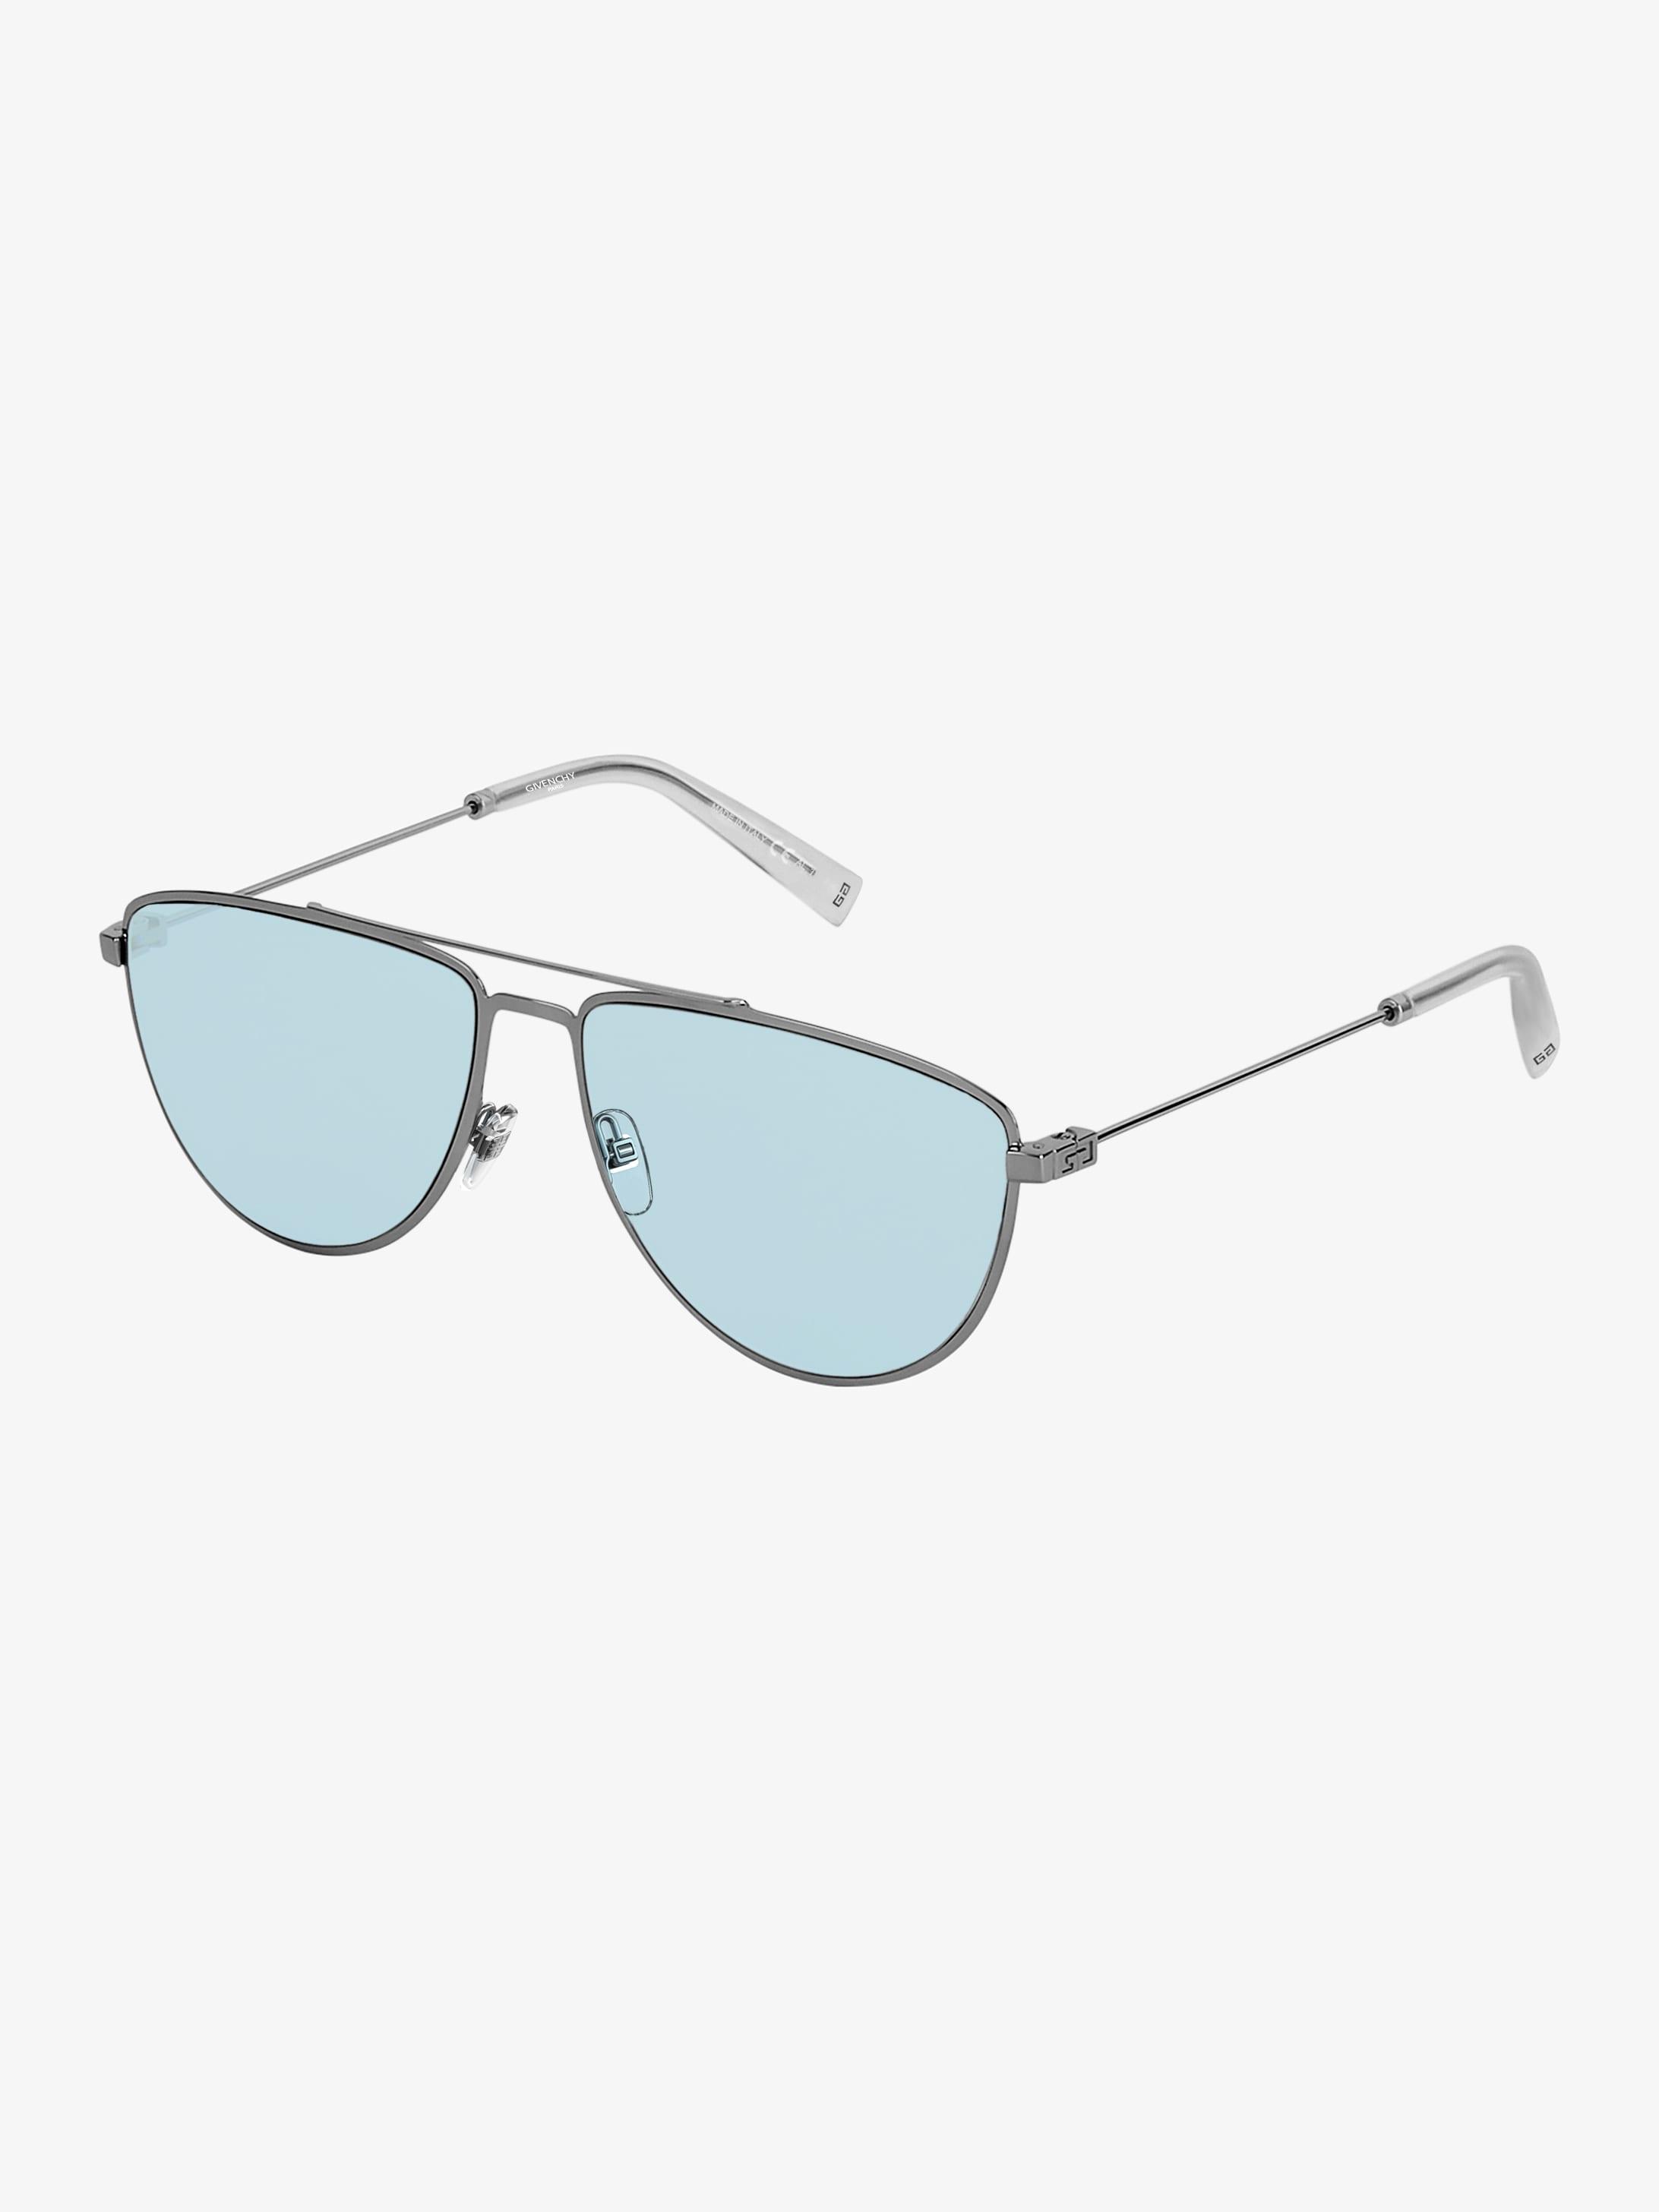 GV Cut sunglasses in metal